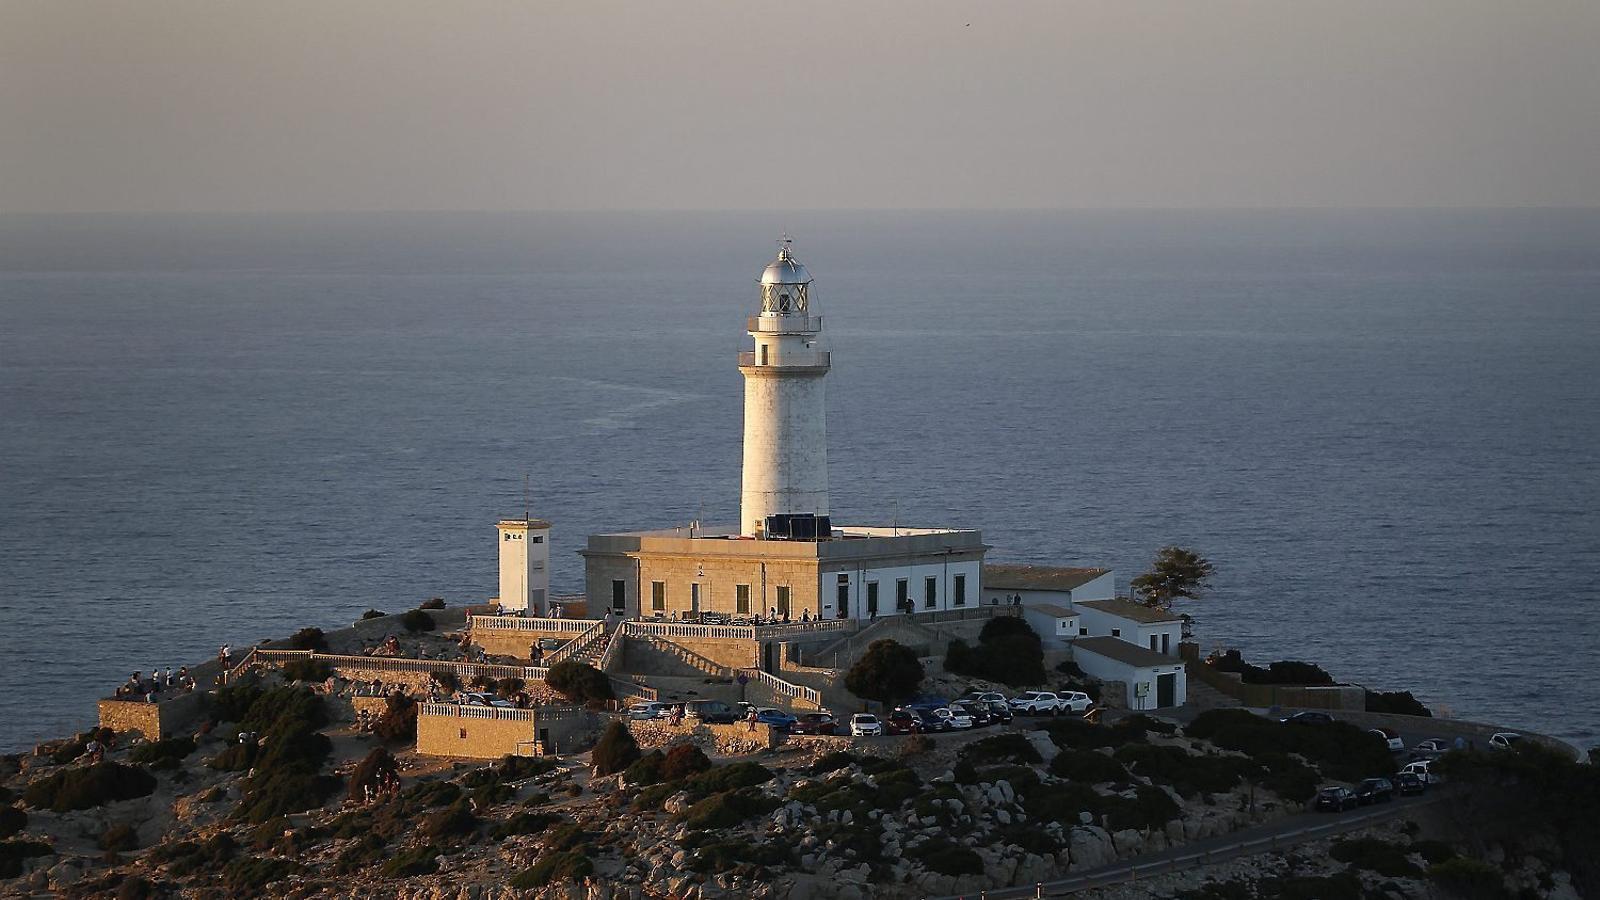 El de Formentor és un dels fars que el Consell de Mallorca estudia convertir en refugi quan acabi la concessió amb l'empresa que hi gestiona la cafeteria ara. / CLARA MARGAIS